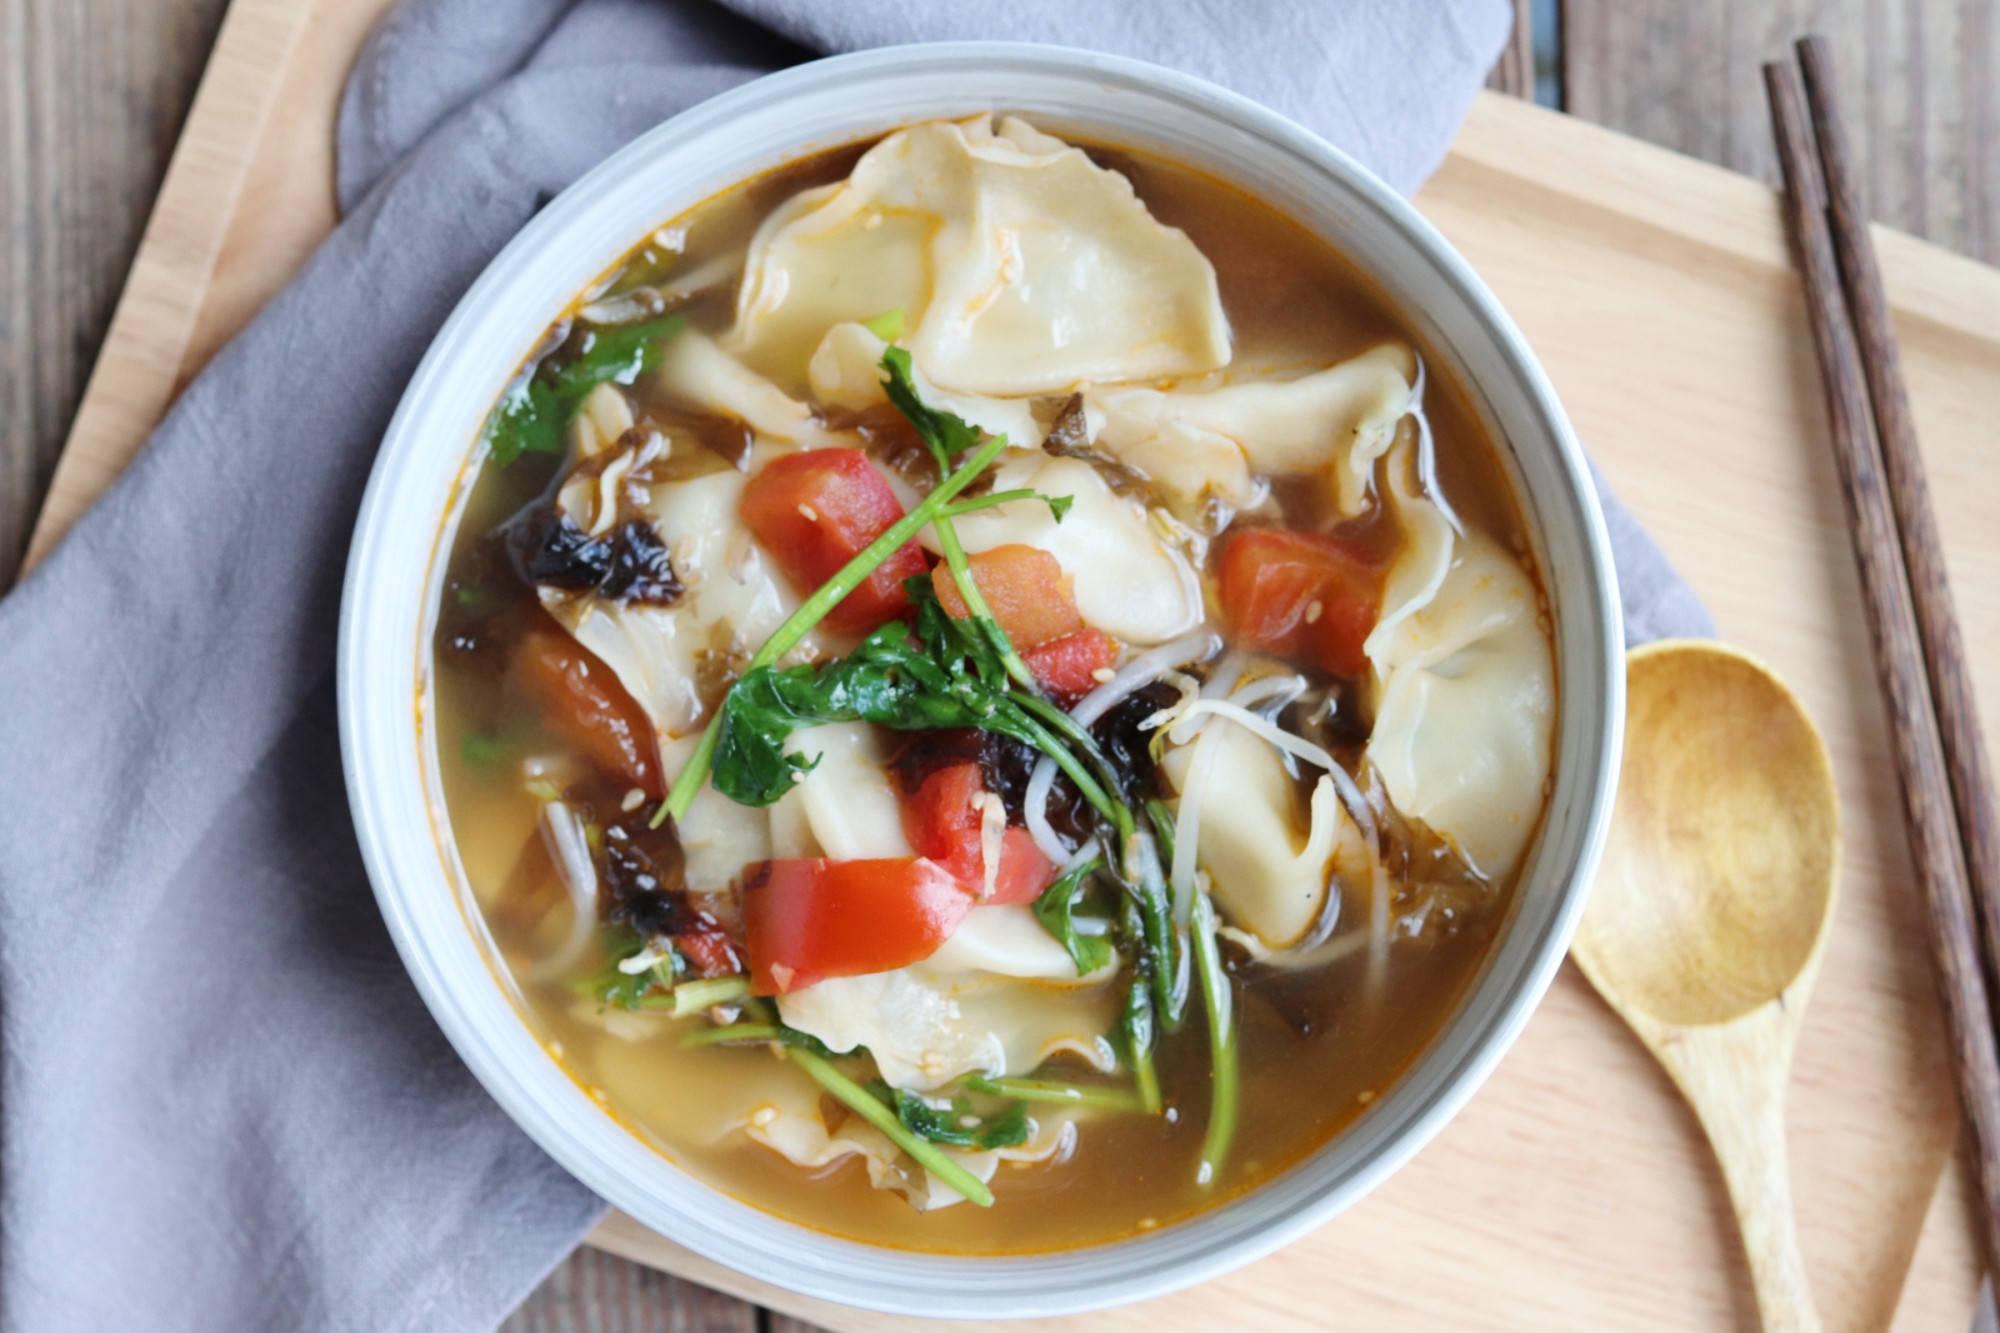 夏天我家饺子就爱这吃法,酸爽开胃做法简单,比吃凉面还舒坦